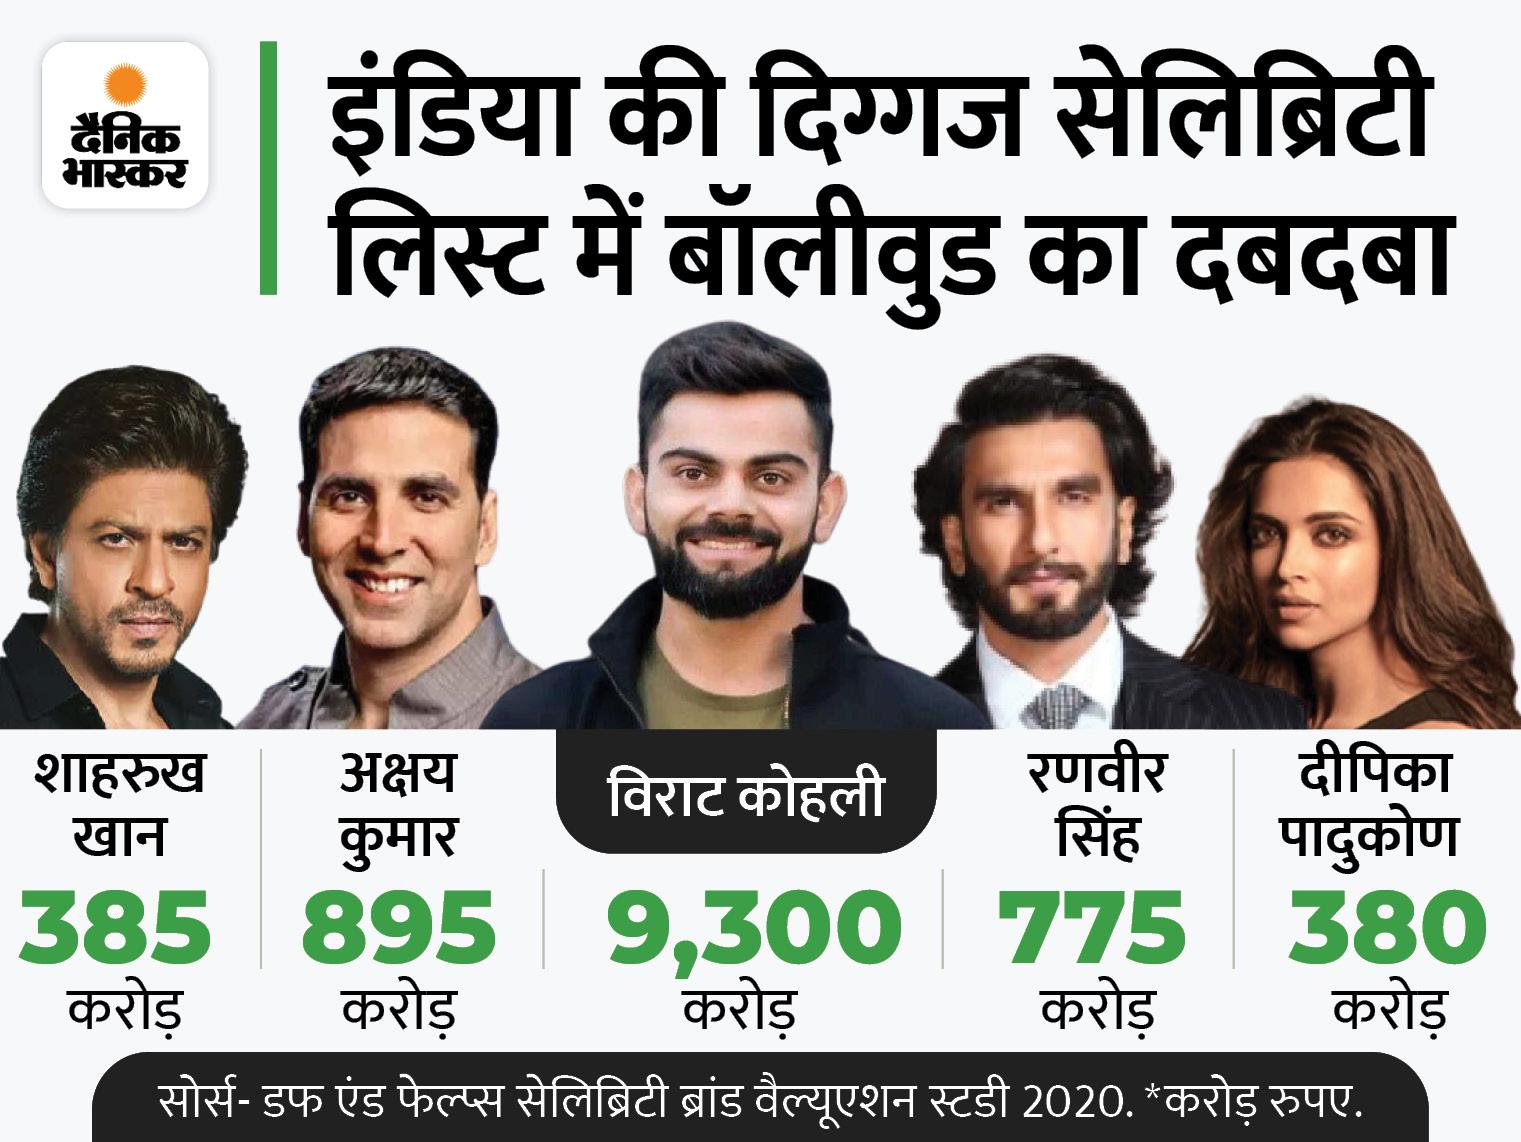 ब्रांड शाहरुख पर आर्यन केस का असर शॉर्ट टर्म, बायजूस ने IPO के चलते रोके स्टार के ऐड|बिजनेस,Business - Dainik Bhaskar